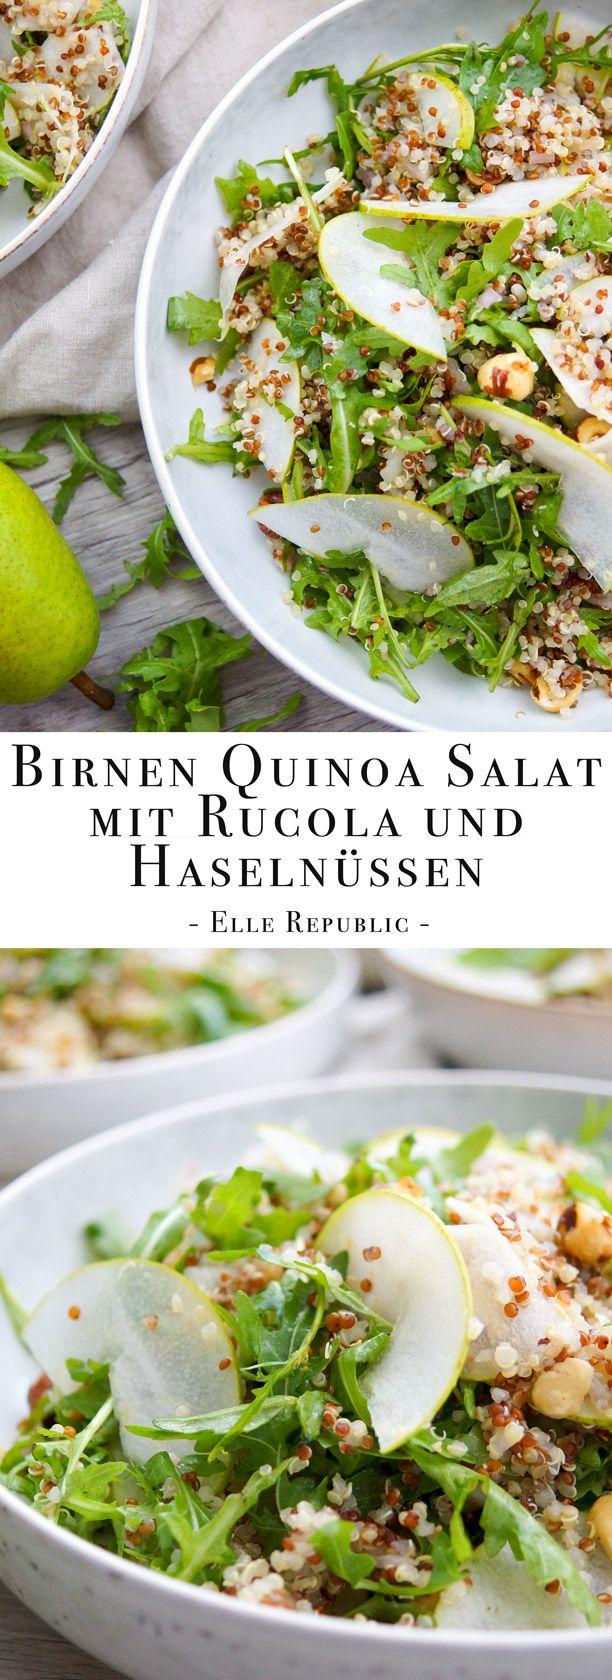 Einfache Rezept für Birnen Quinoa Salat mit Rucola und gerösteten Haselnüssen (Vegan, Vegetarisch, Glutenfrei)